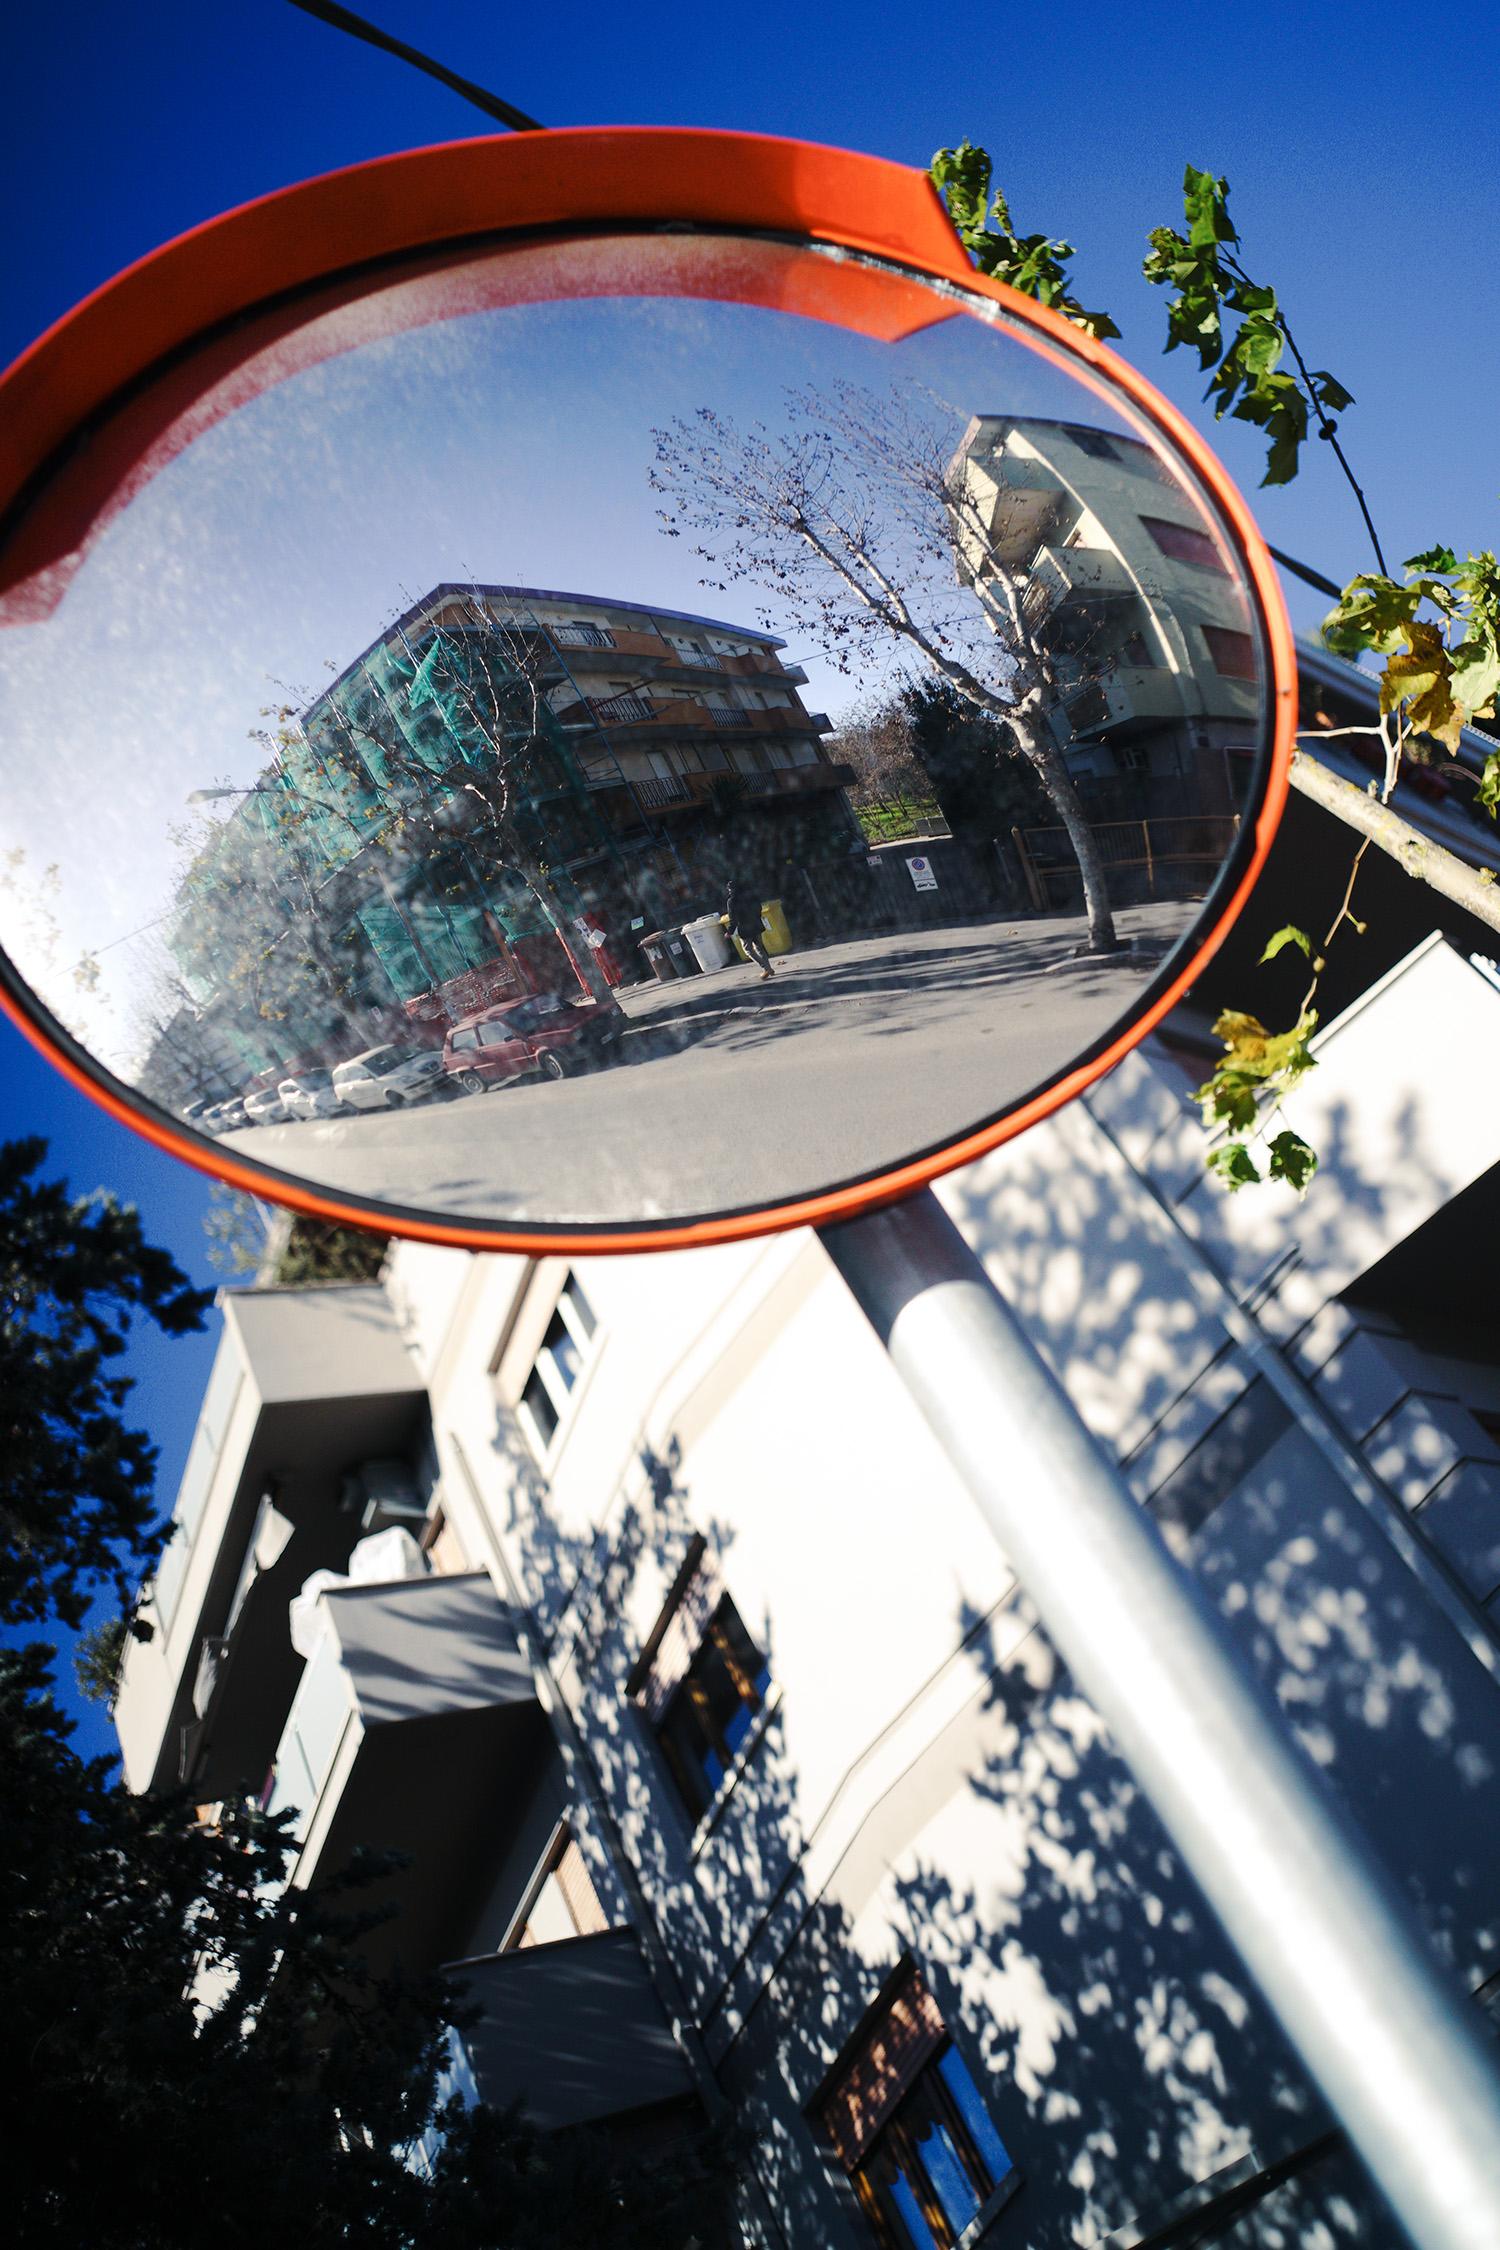 Road bike mirror, Rome, 2016